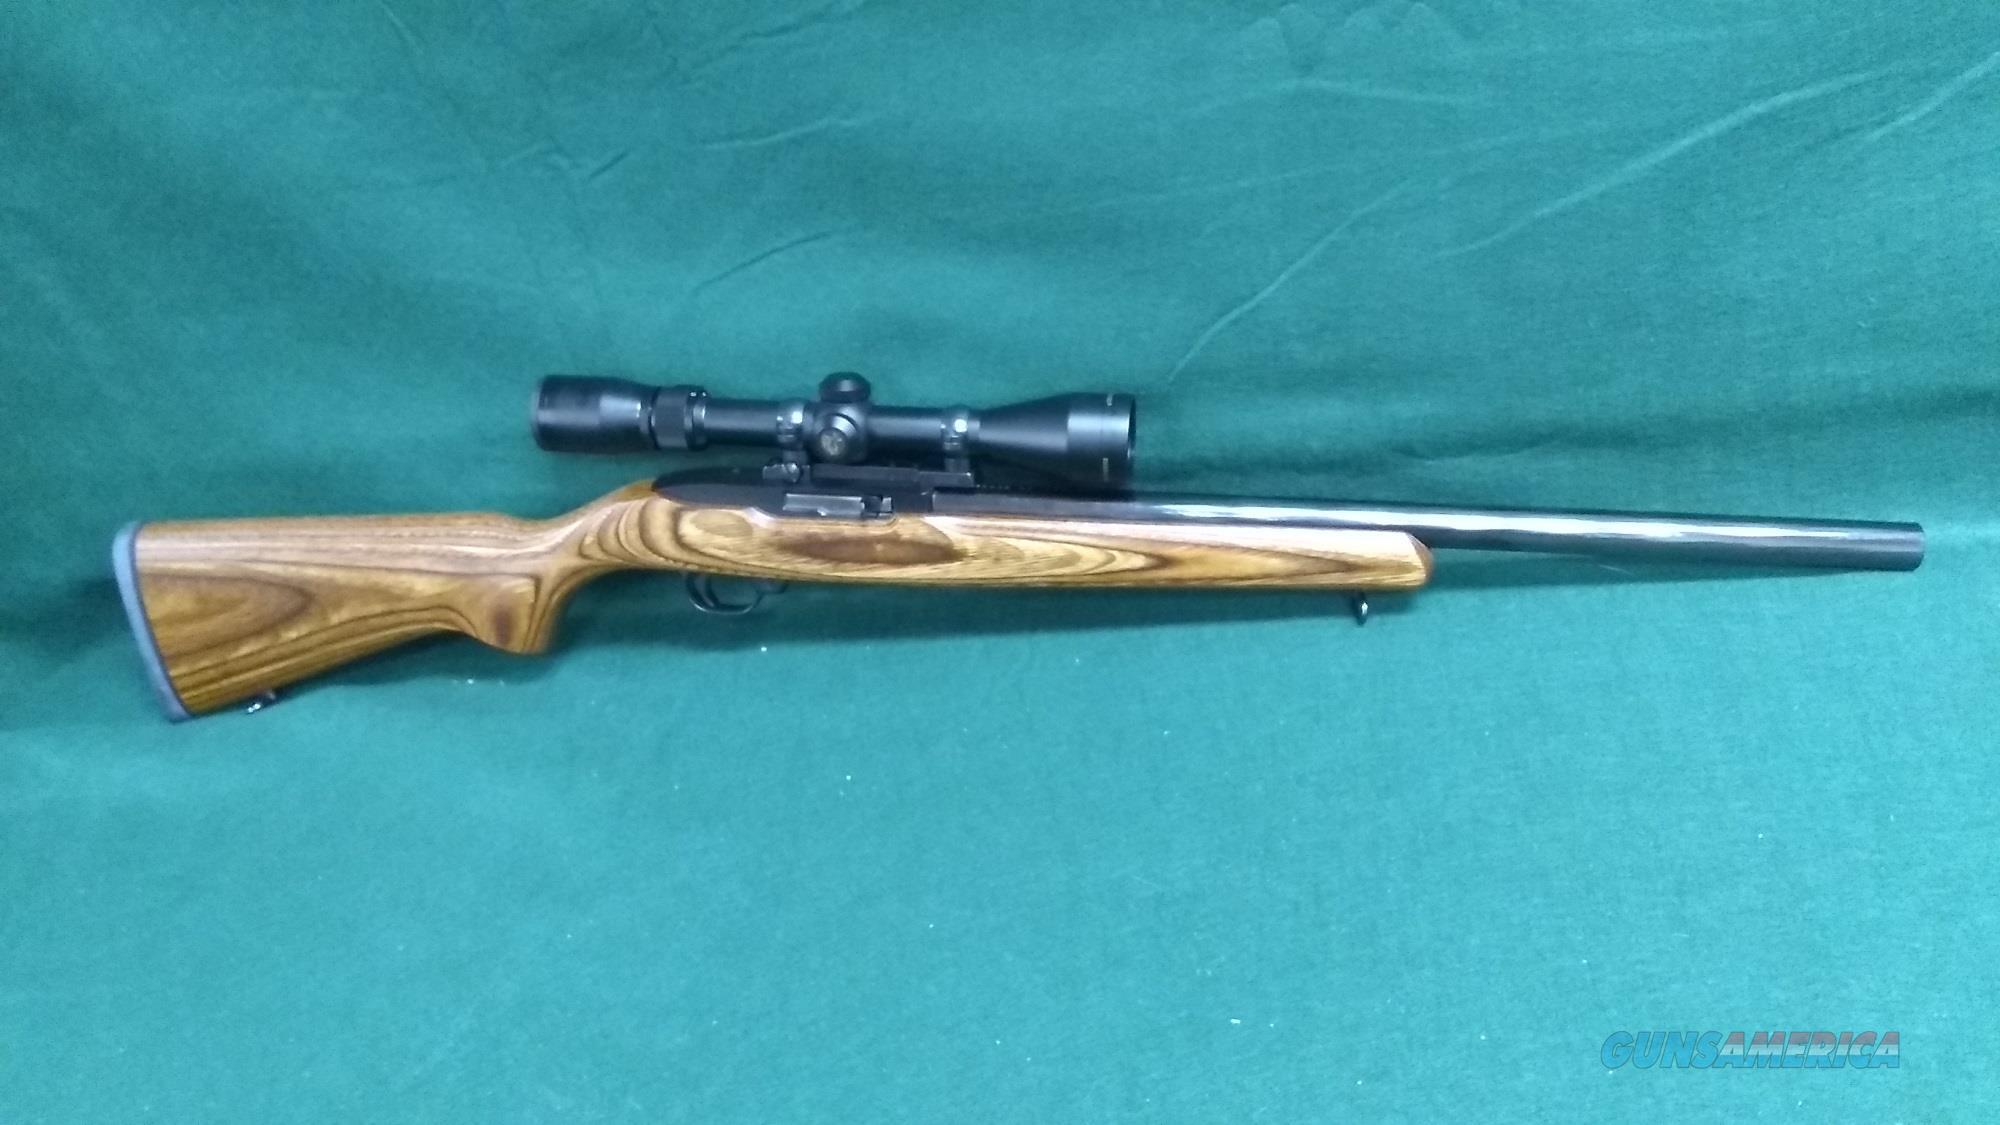 """Ruger 10-22 Hammer Forged - 22LR - Hammer Forged 20"""" Barrel   Guns > Rifles > Ruger Rifles > 10-22"""